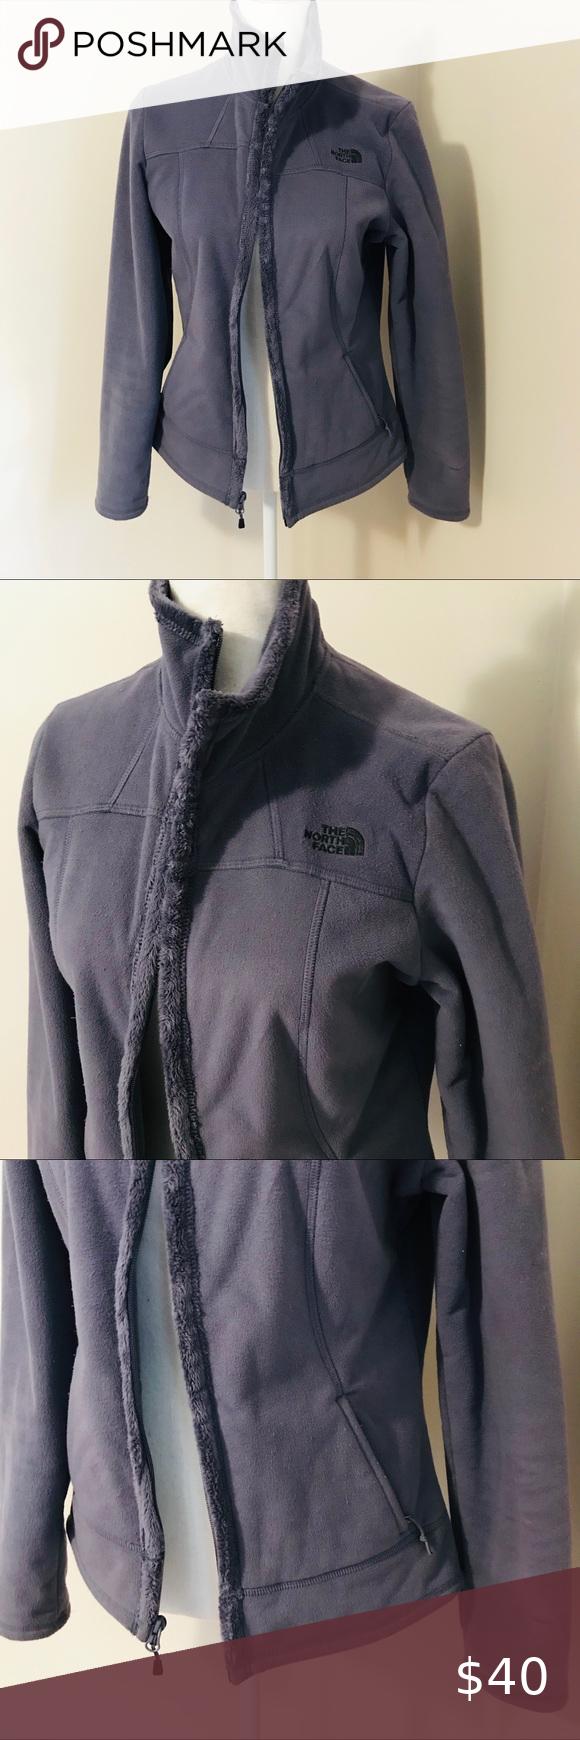 North Face Fleece North Face Fleece The North Face Clothes Design [ 1740 x 580 Pixel ]